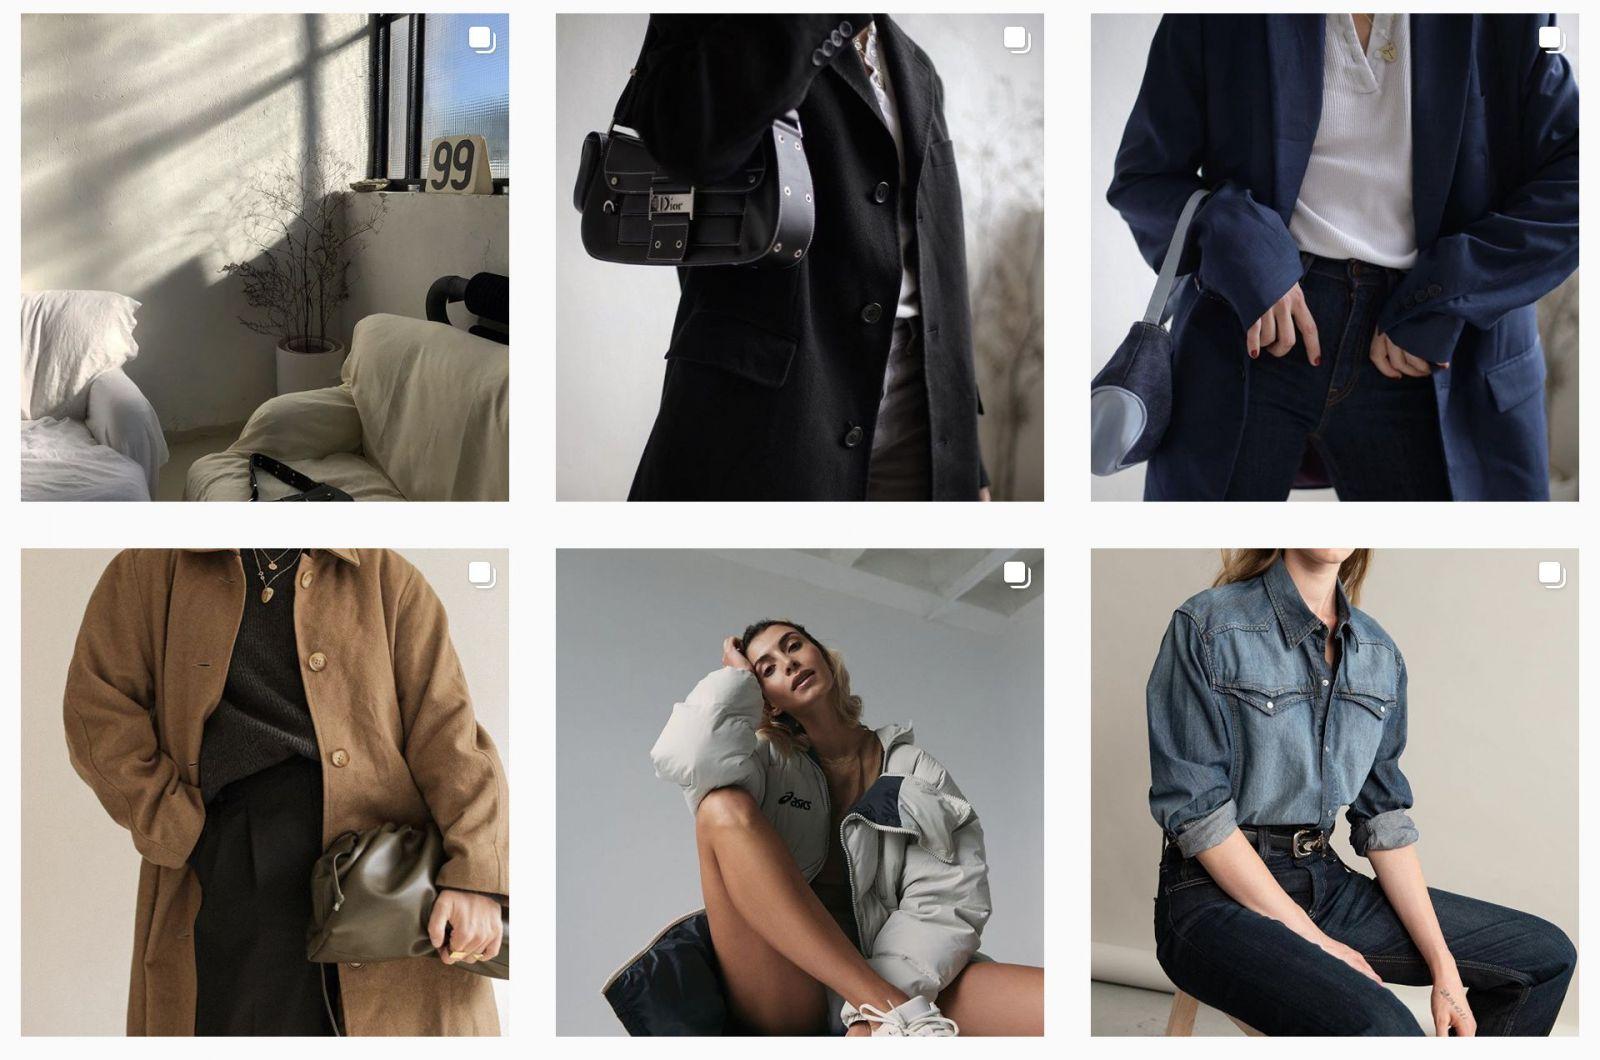 Secondhand nákup oblečenia cez Instagram je realitou: Toto je 9 účtov s najlepším výberom cool kúskov